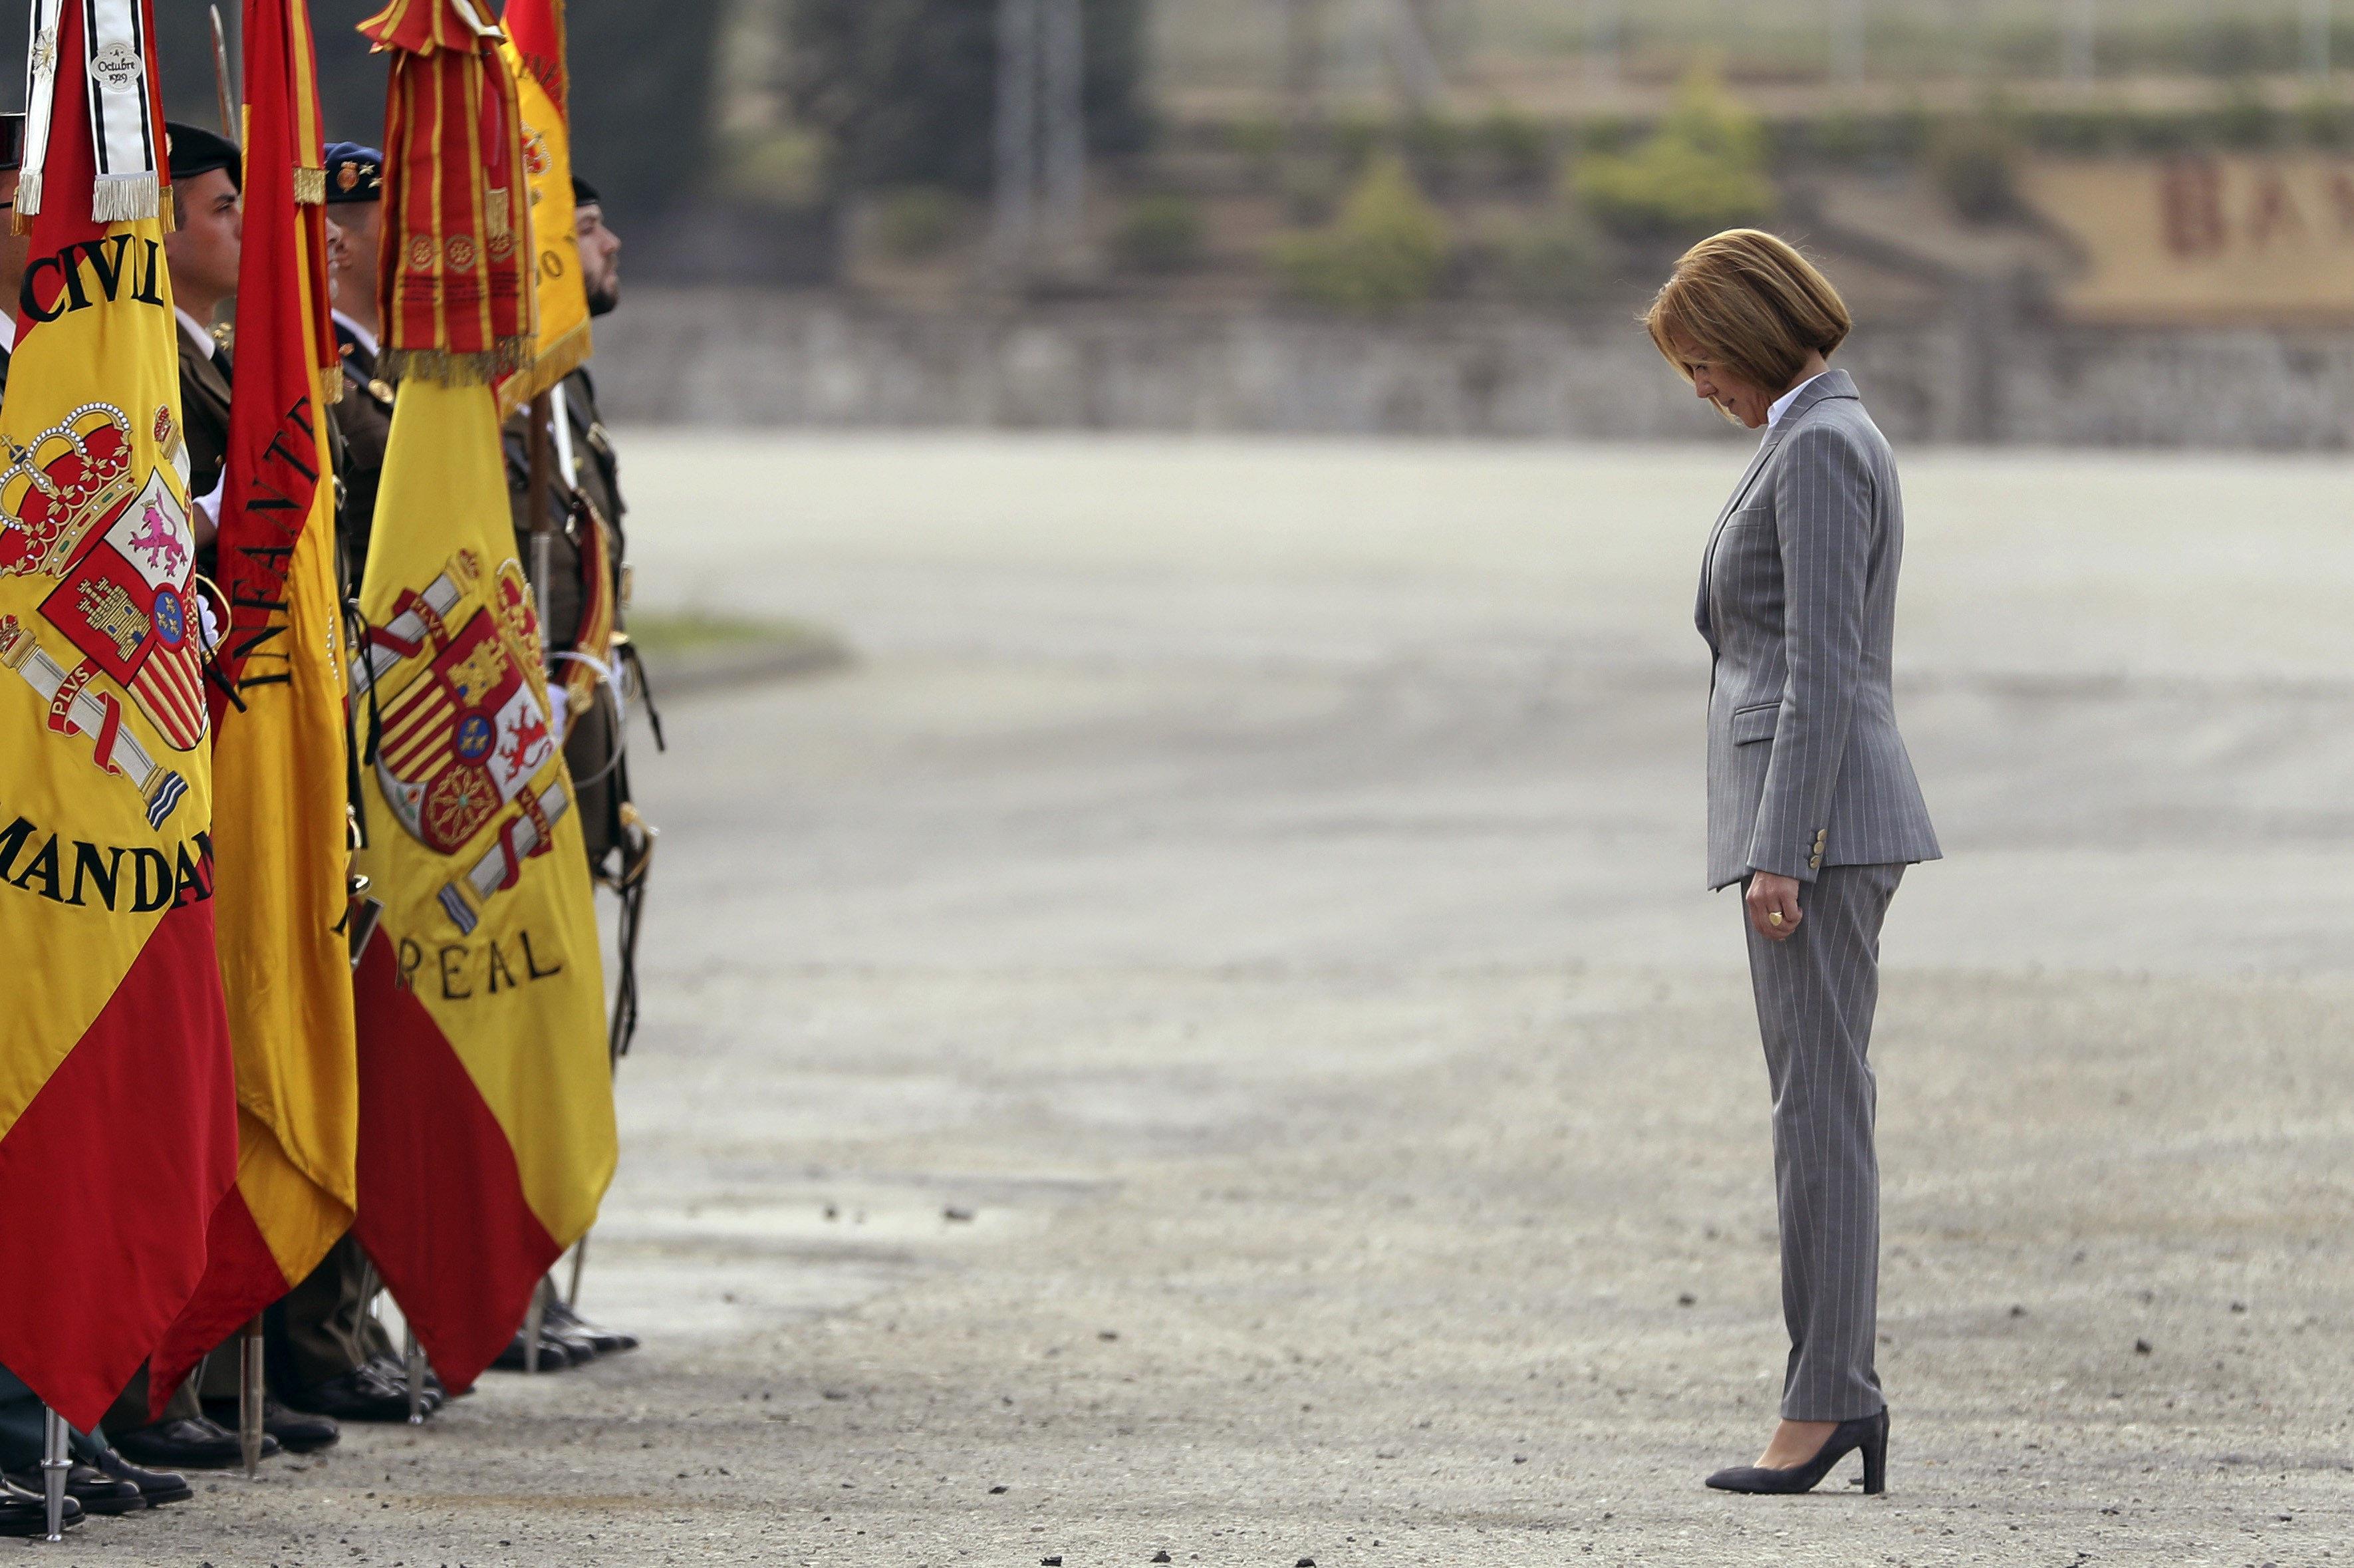 La ministra de Defensa, María Dolores de Cospedal, saluda la bandera en arribar a la reunió del capítol extraordinari de la Reial i Militar Ordre de Sant Ferran. / EFE